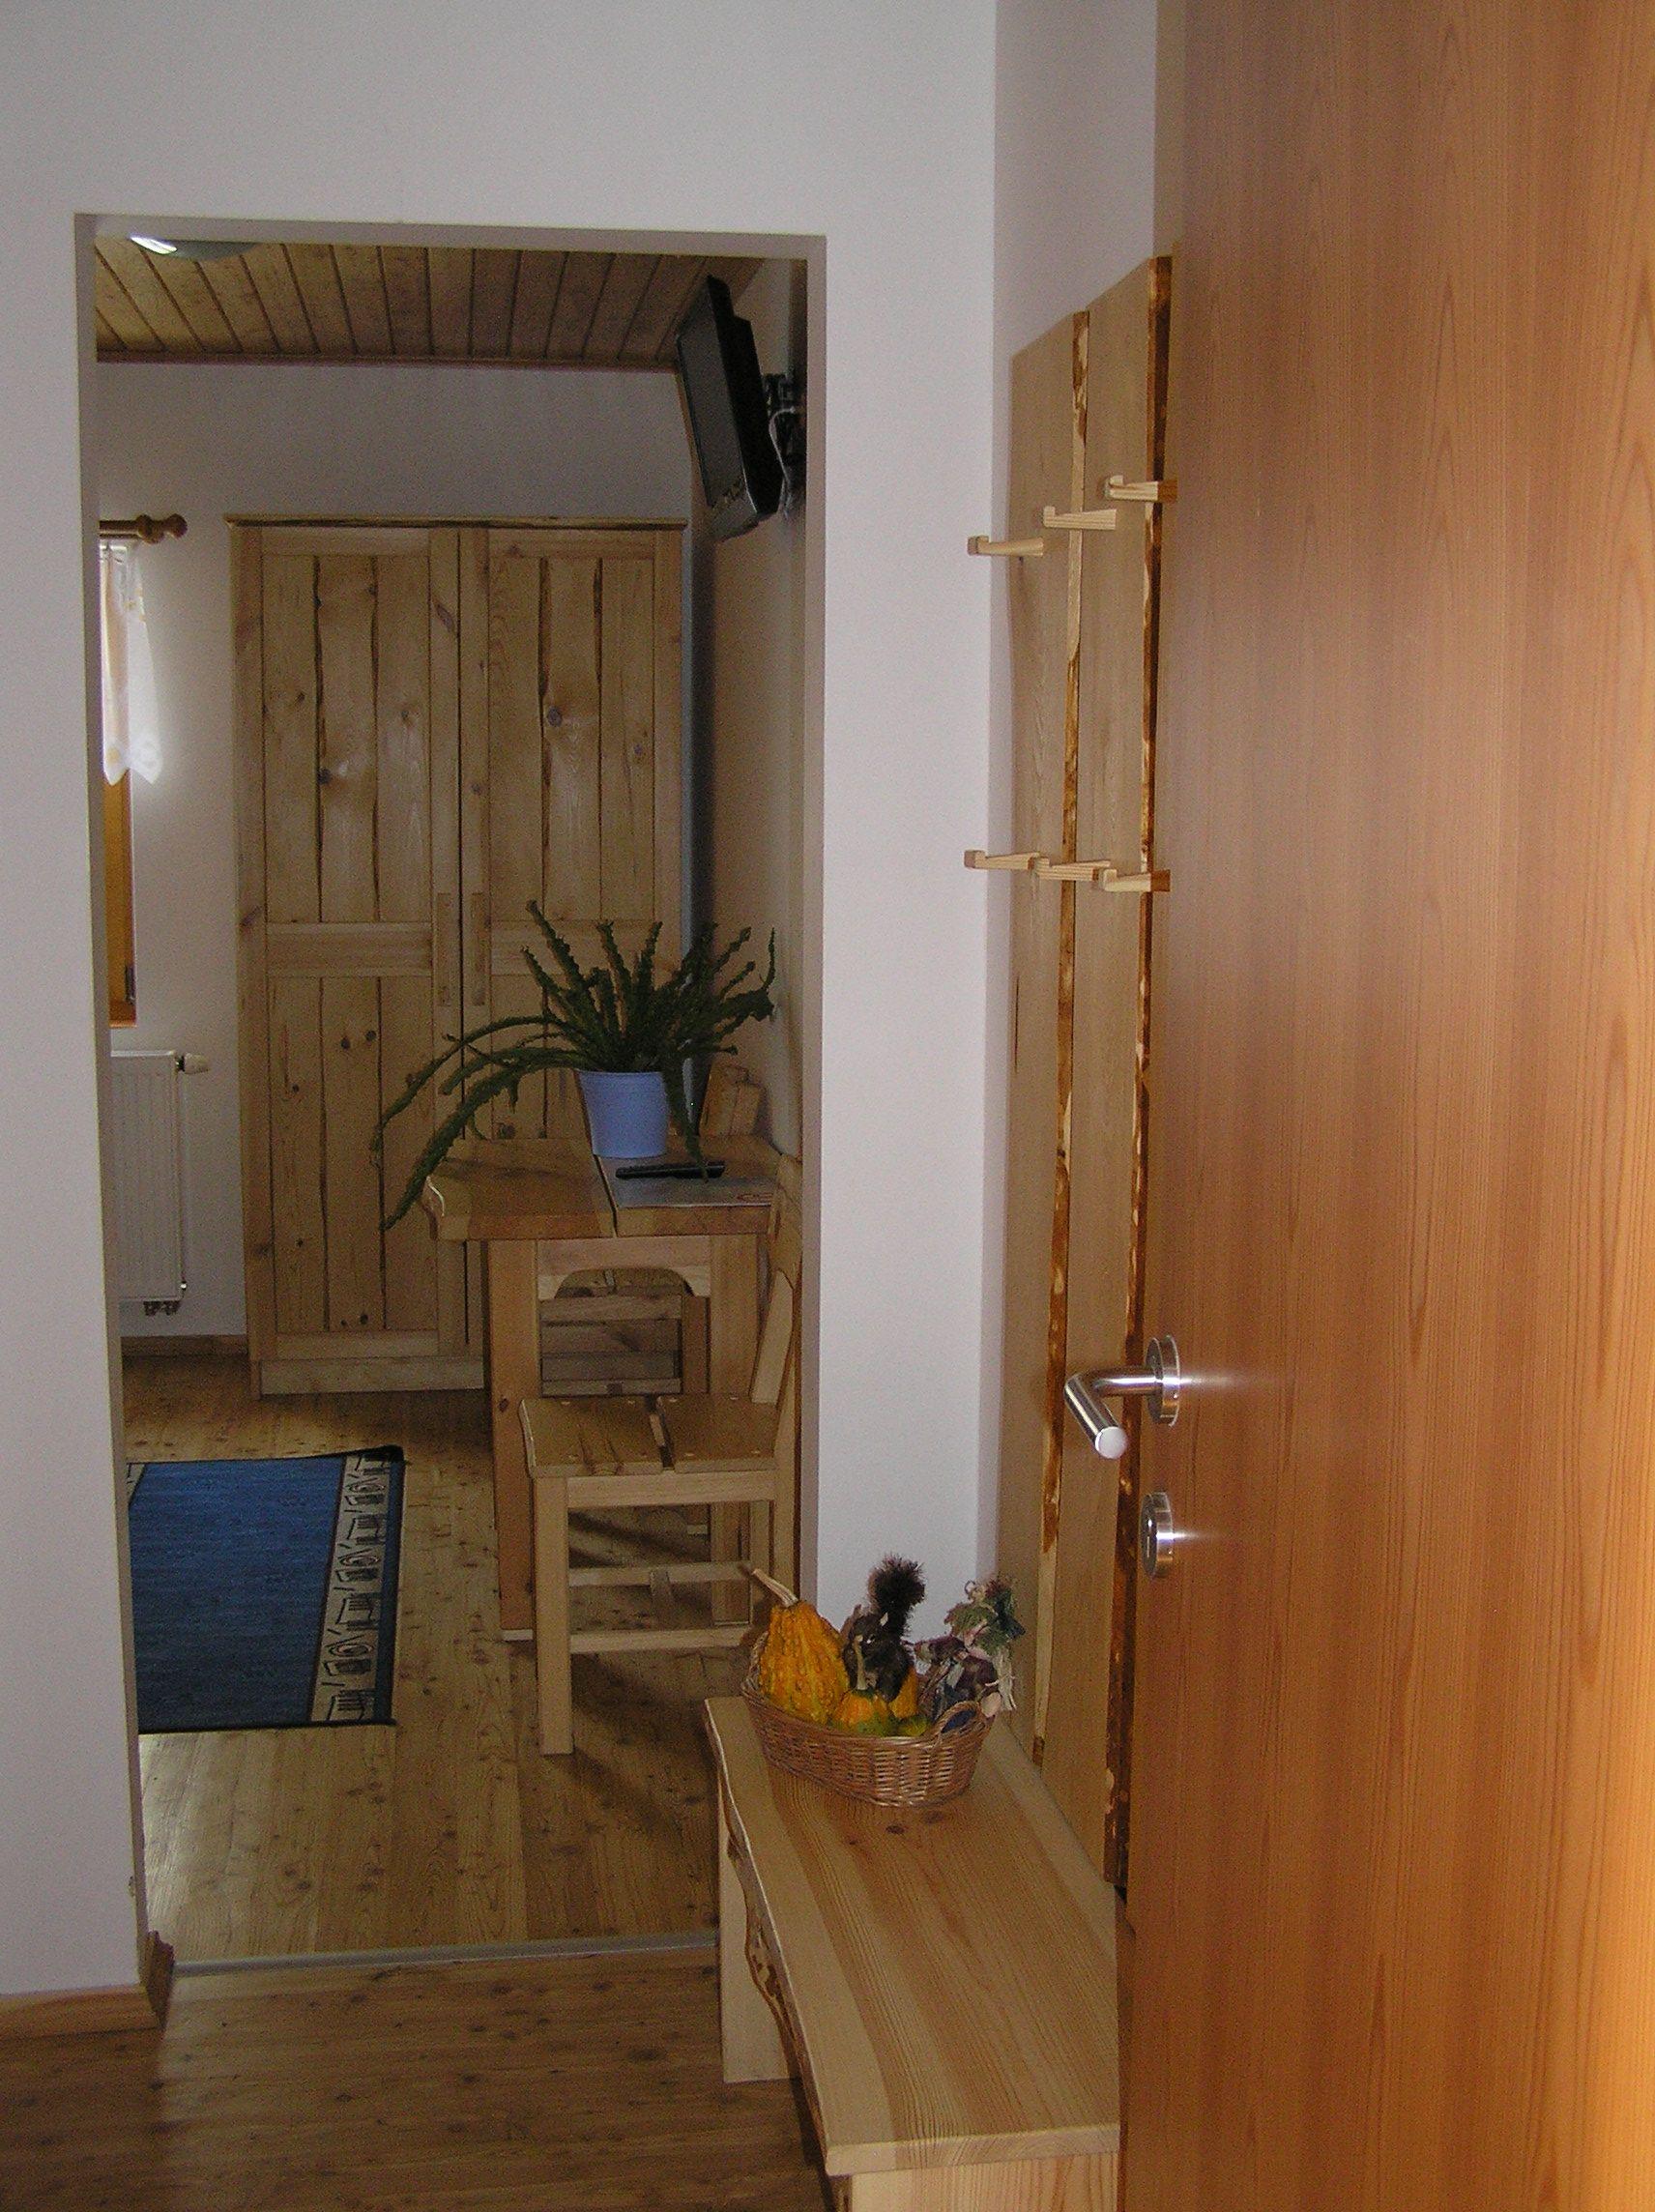 Overnachtingen informatie en prijslijst - Kamer volwassen kamer ...